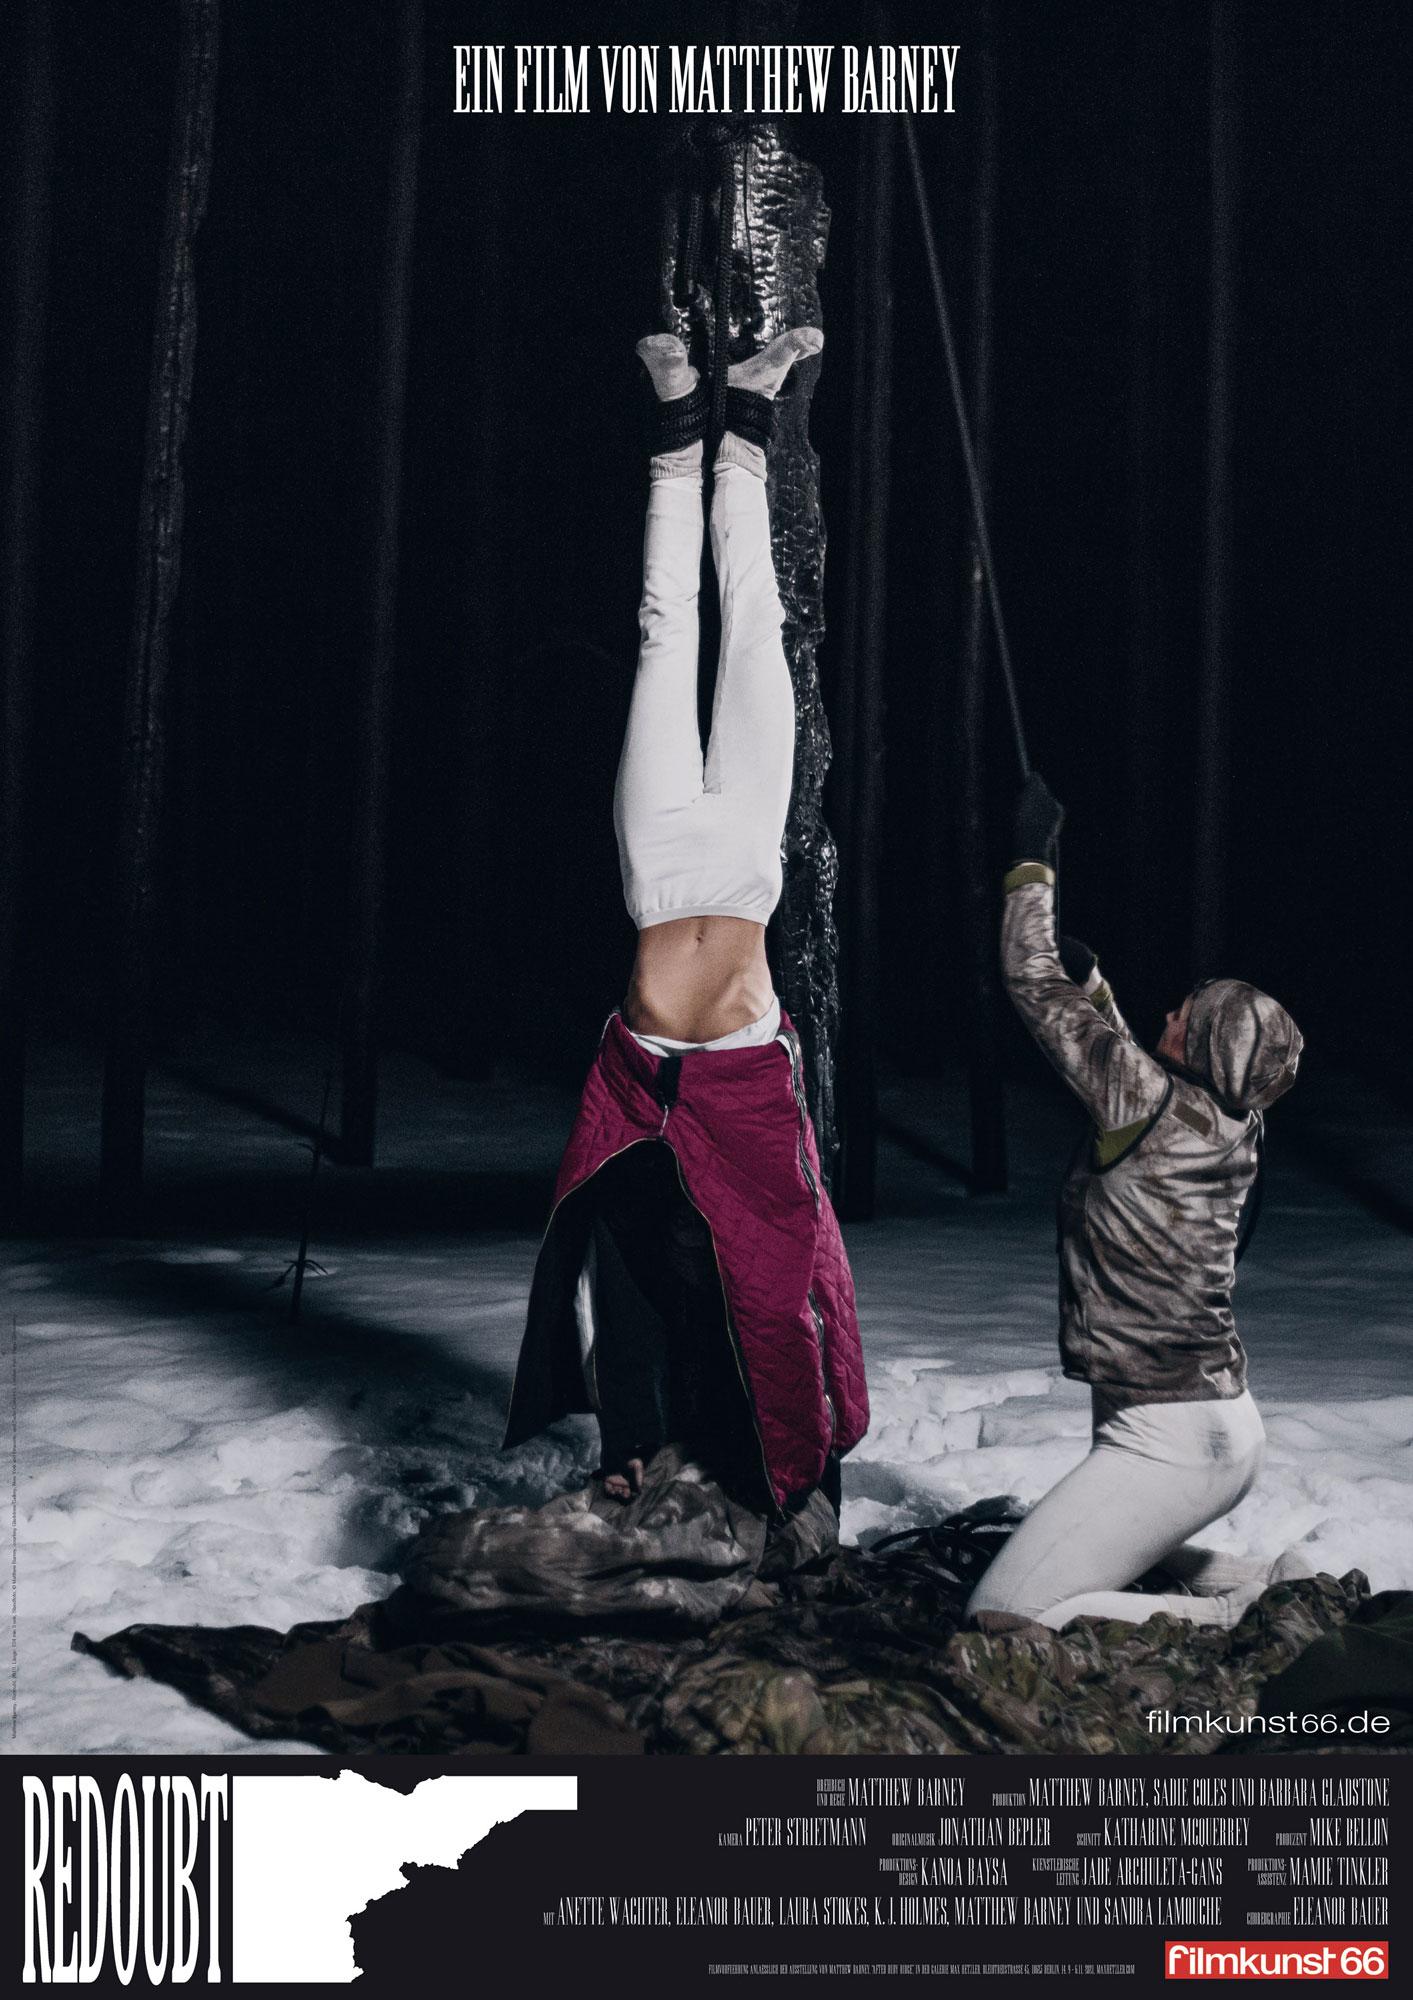 Matthew Barney, Redoubt - Galerie Max Hetzler